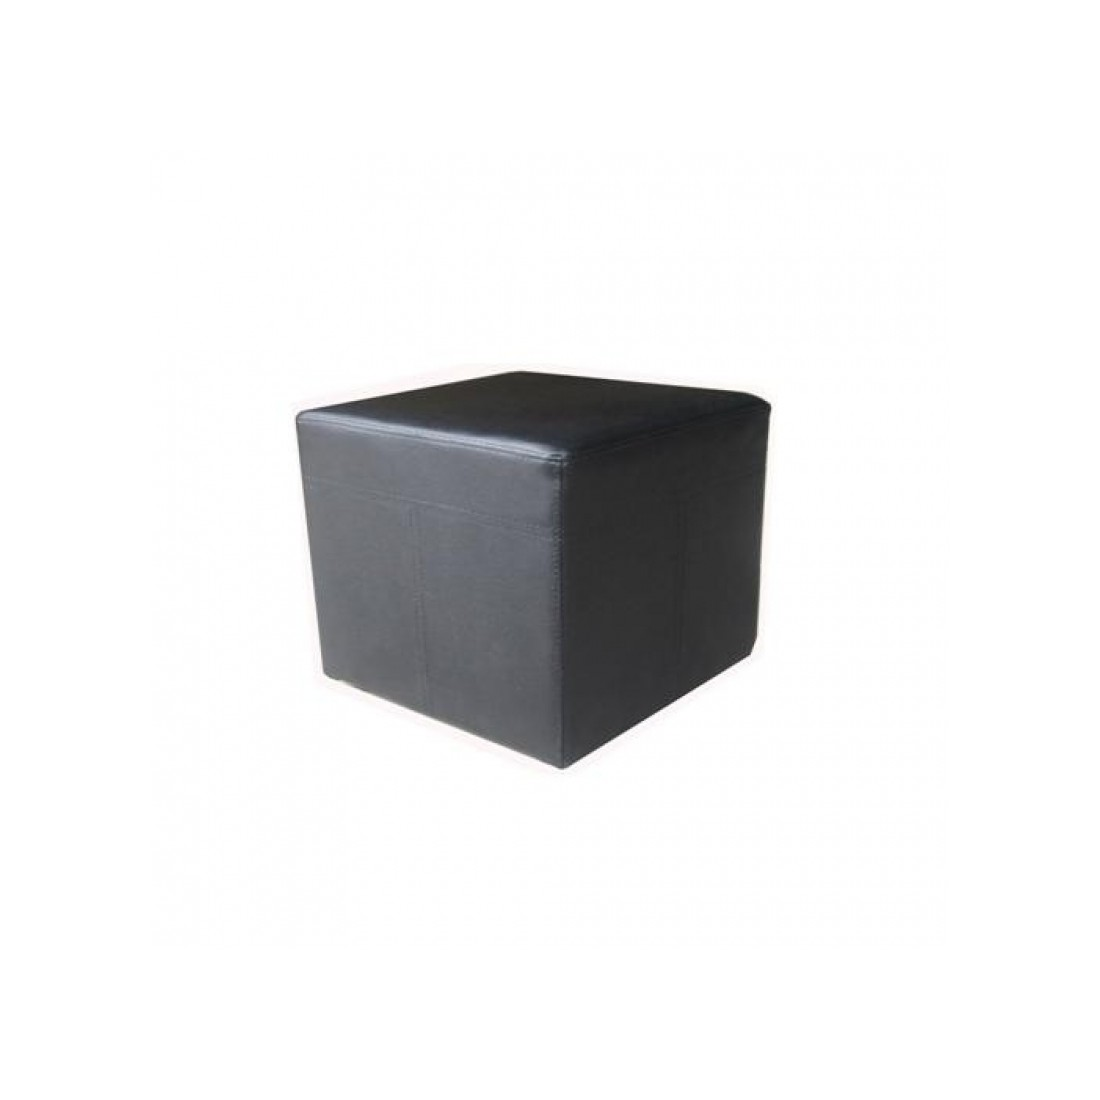 Ghế đôn Sofa SFD01-Thế giới đồ gia dụng HMD